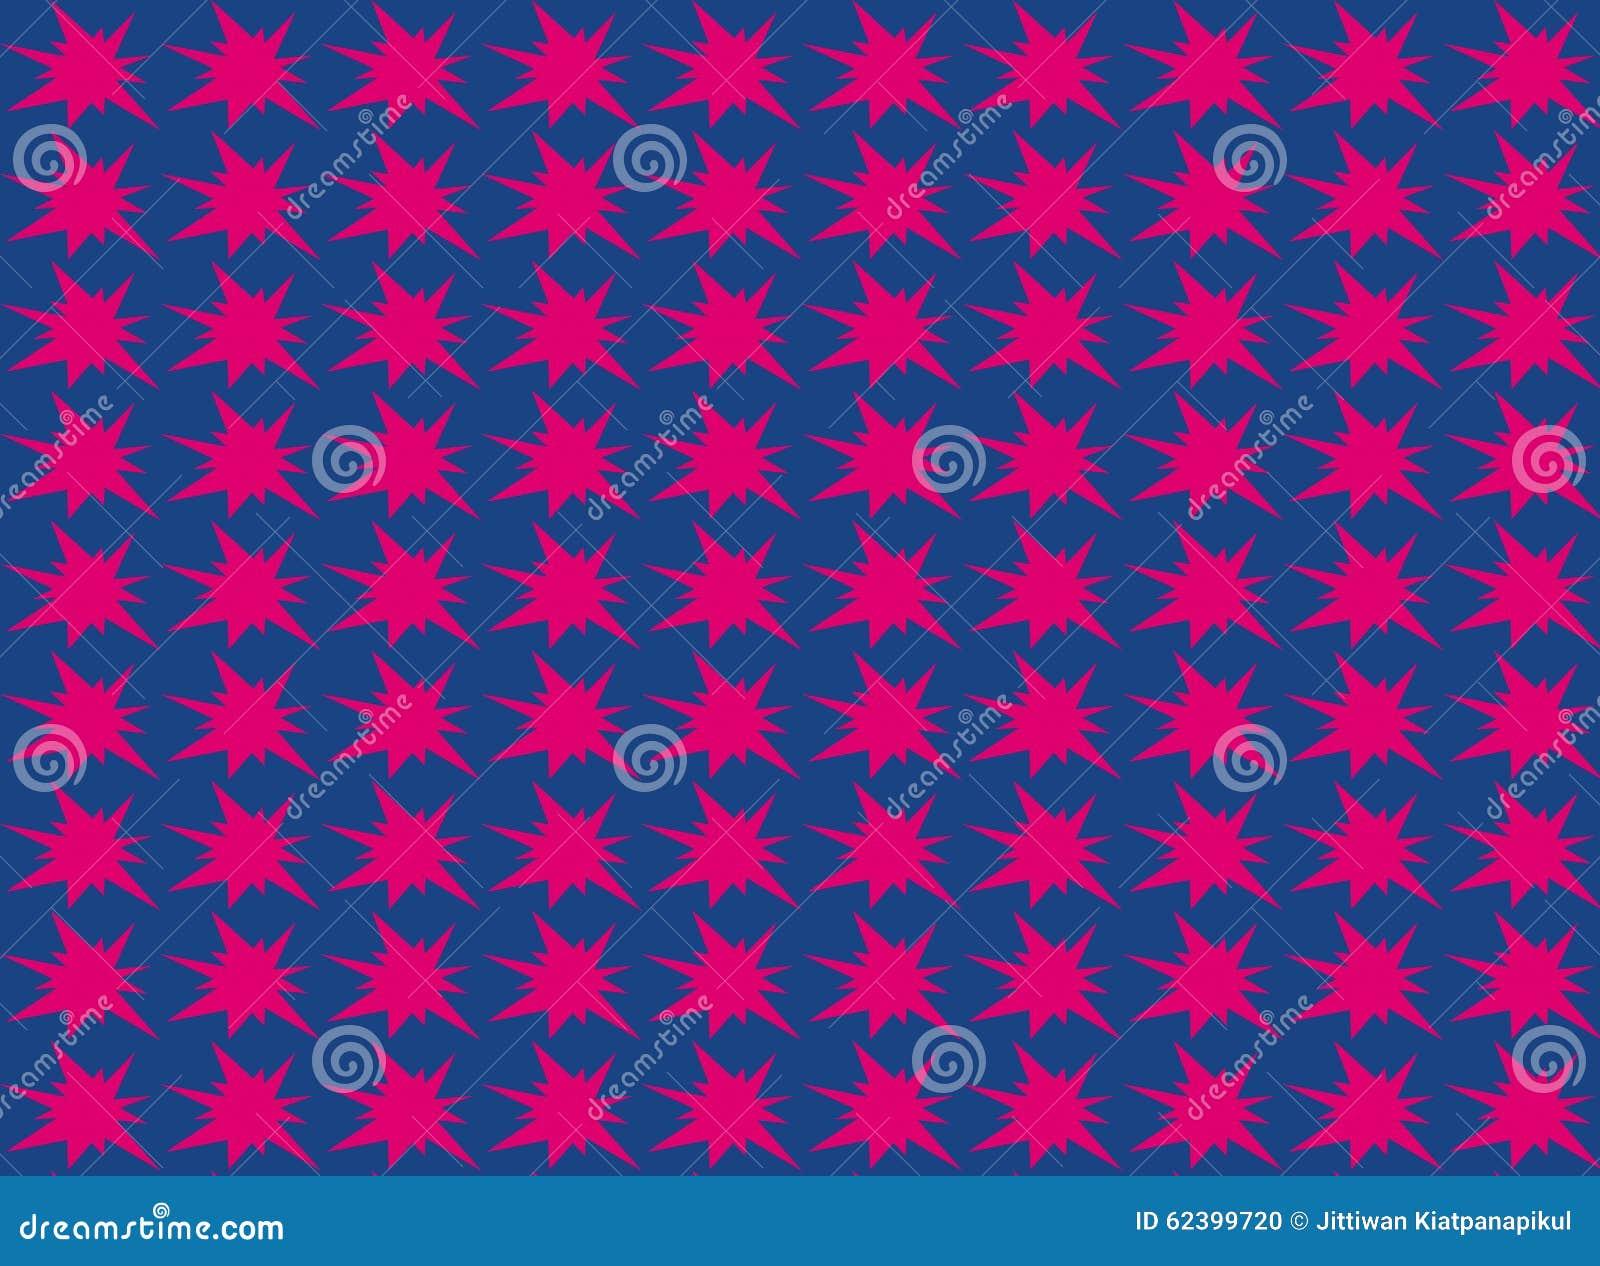 abstractstars abstract stars patterns - photo #25